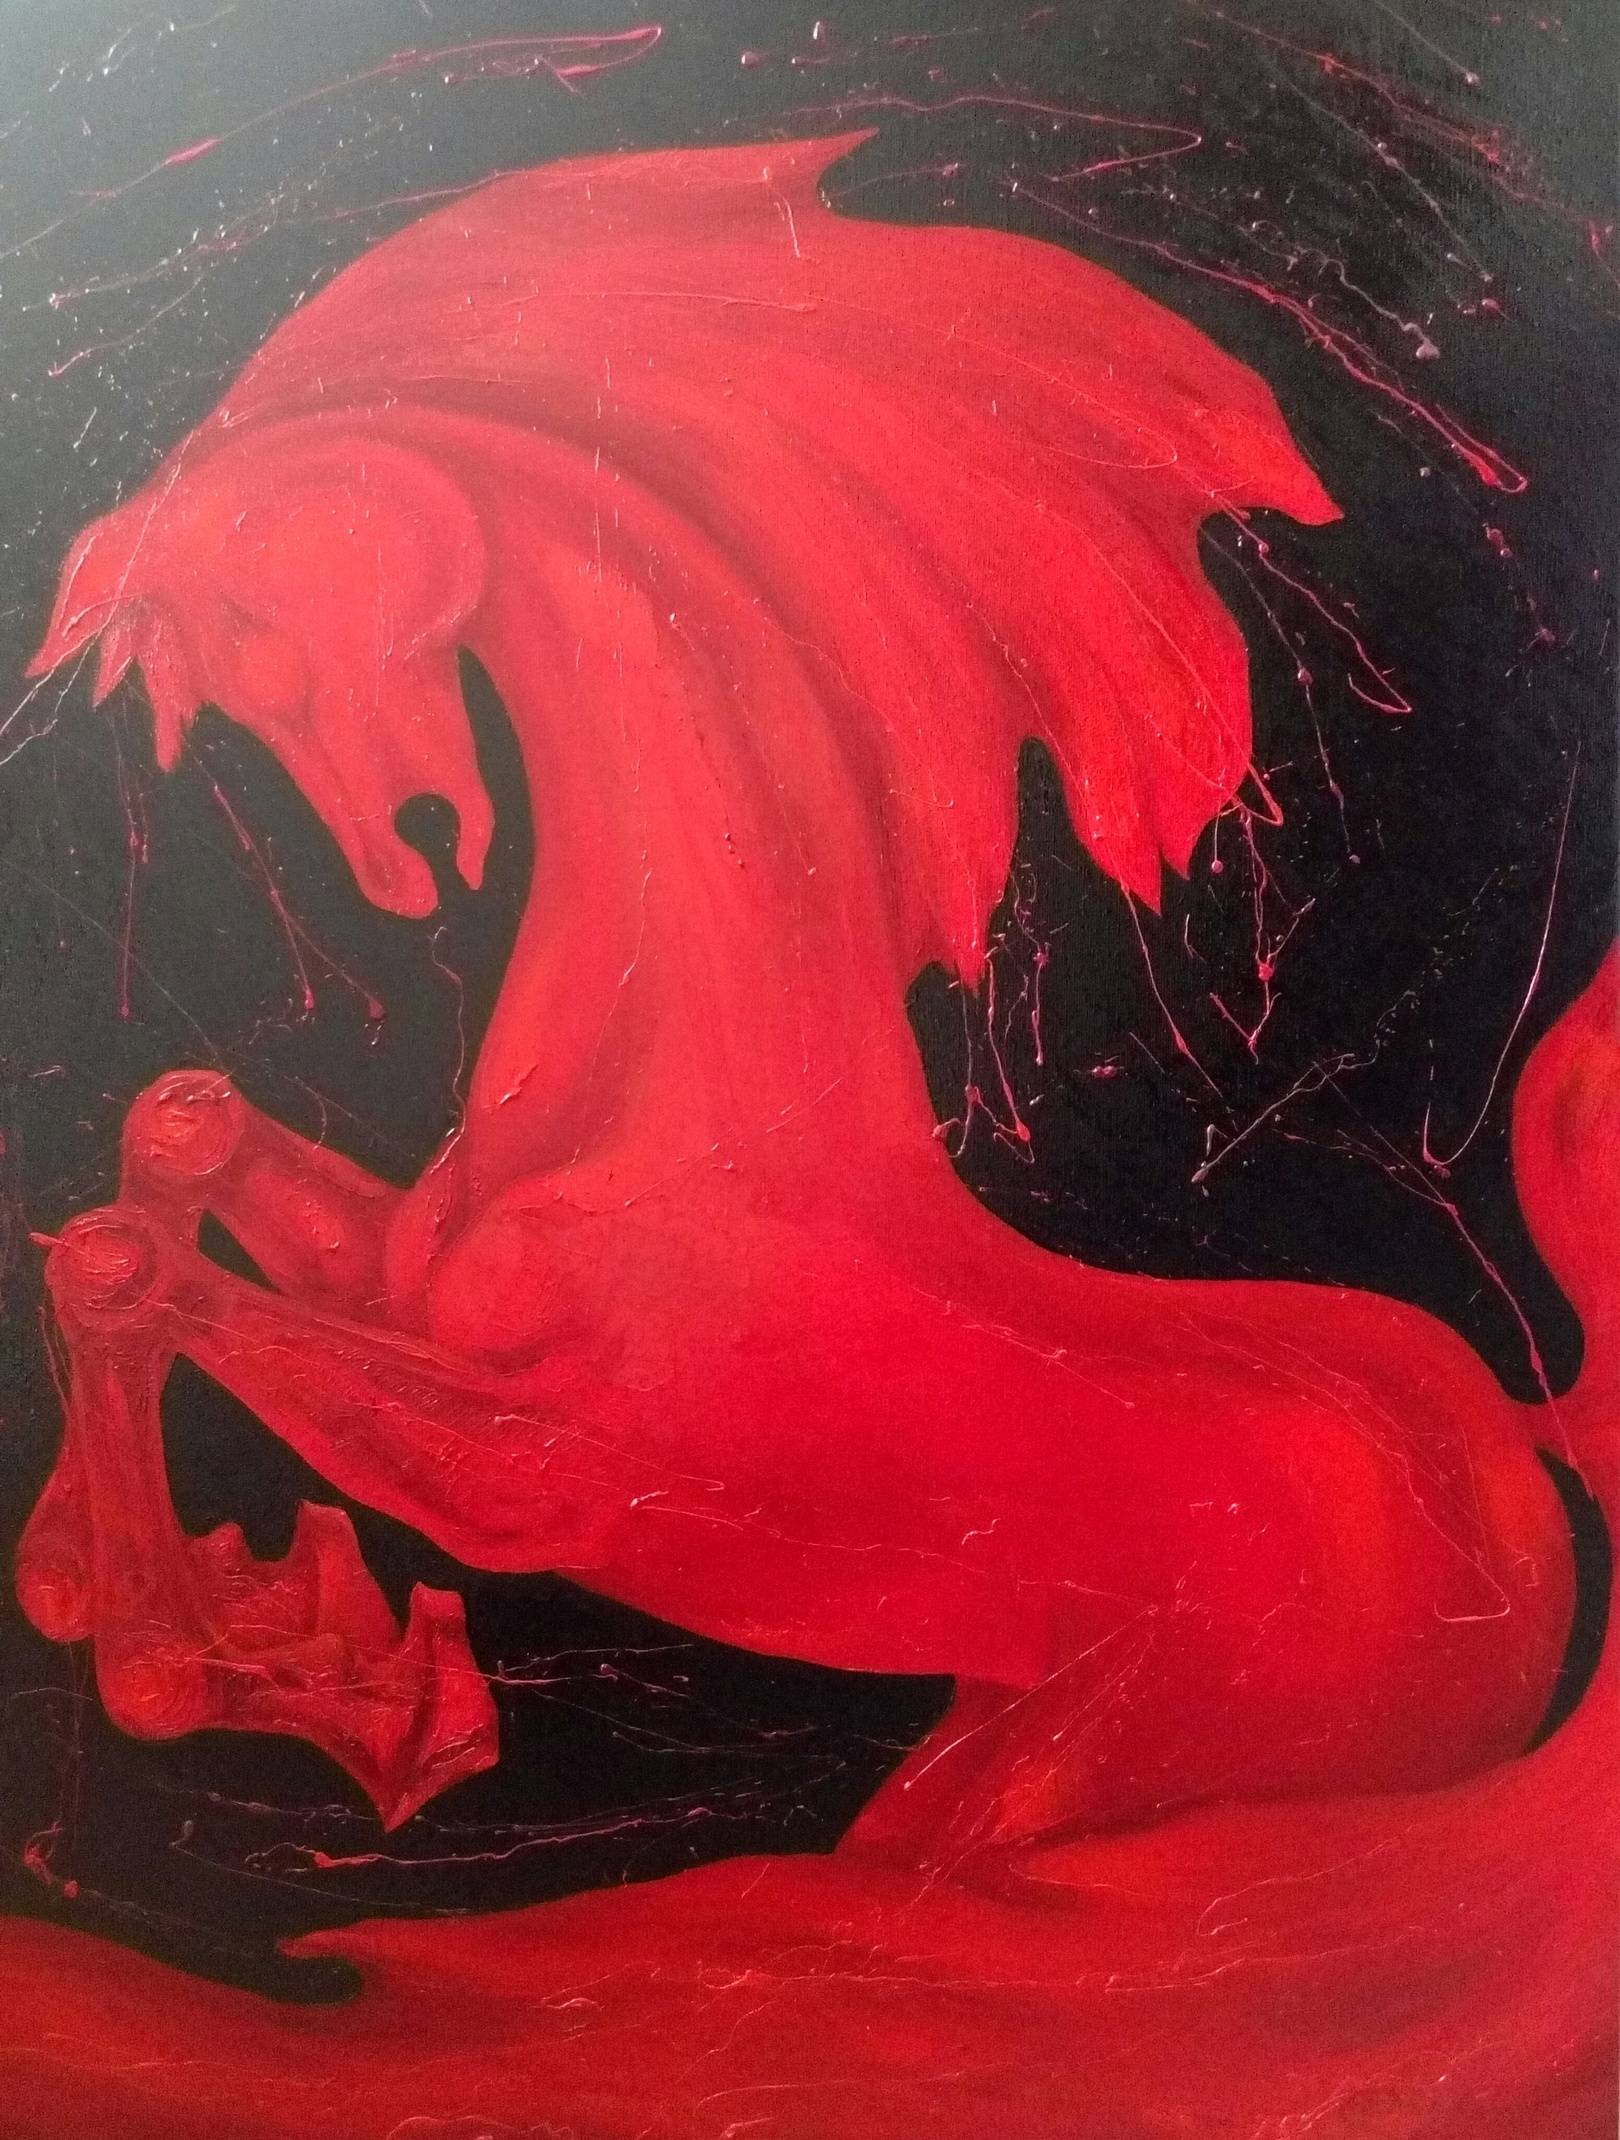 «Красный конь»        холст, масло «Red Horse»              oil on canvas                                                    80x60,  2014